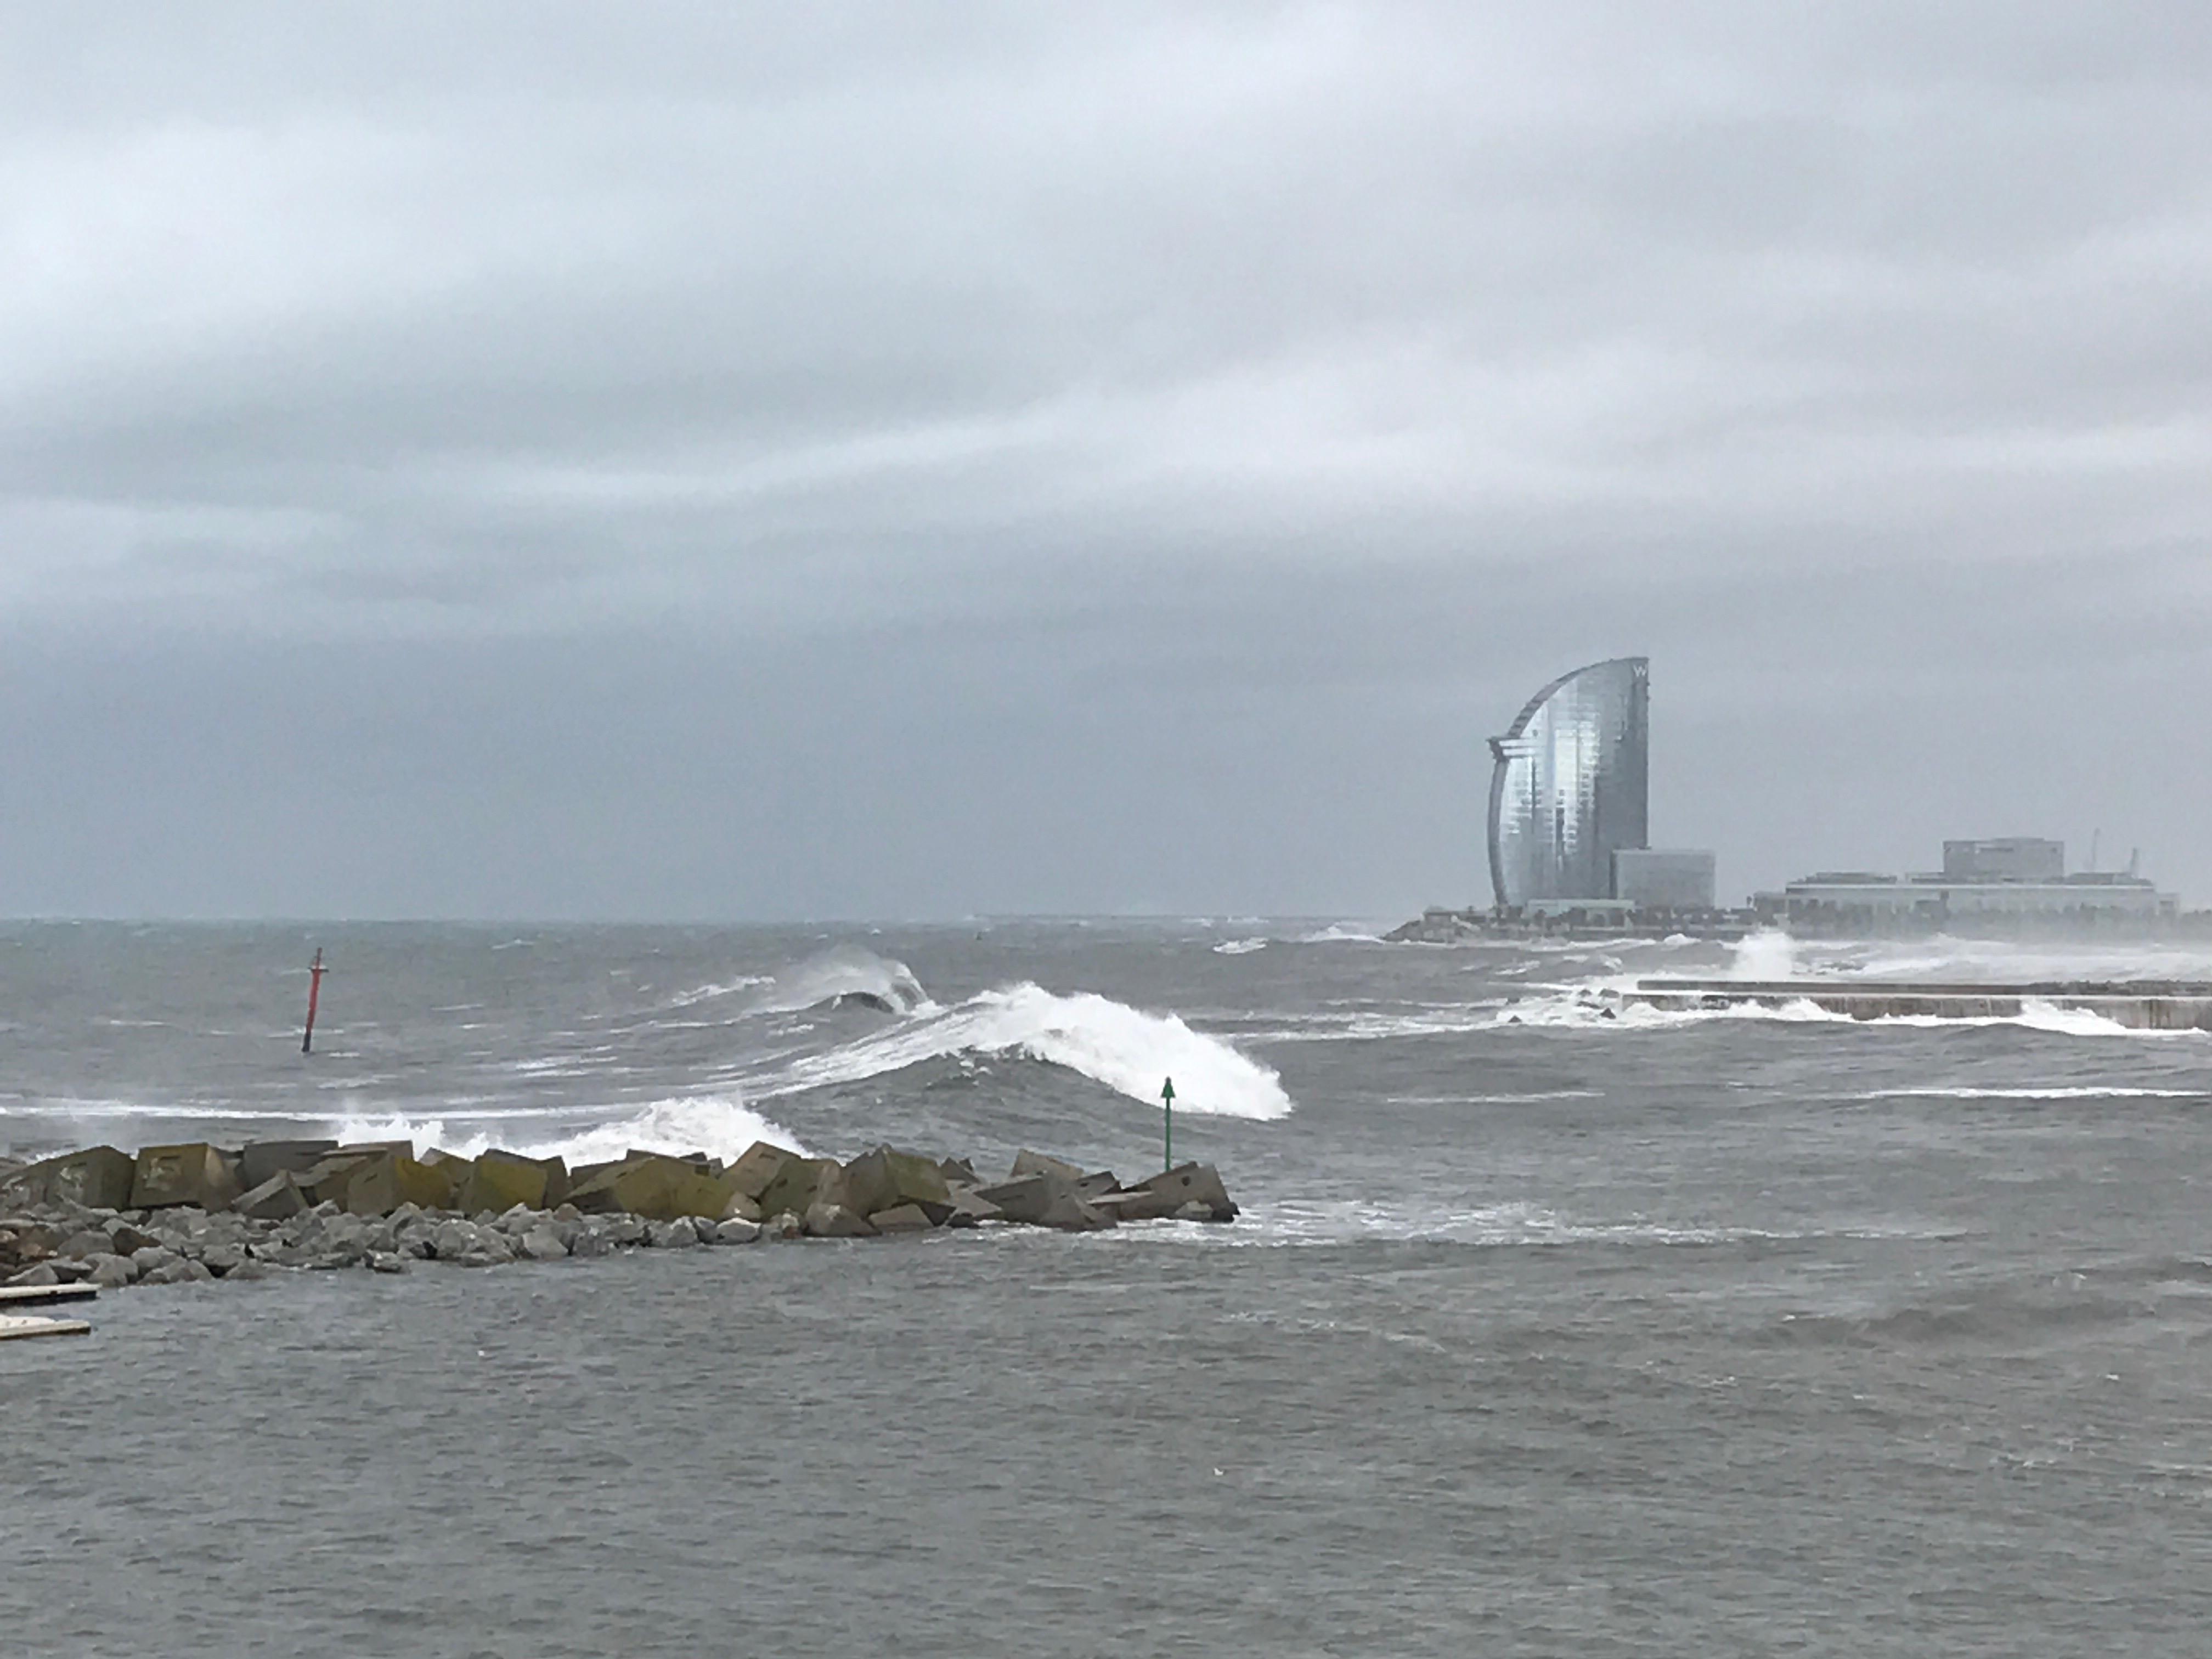 Nederlands gezin wil storm aan Costa van dichtbij zien: alle vijf zee ingesleurd – Wel.nl